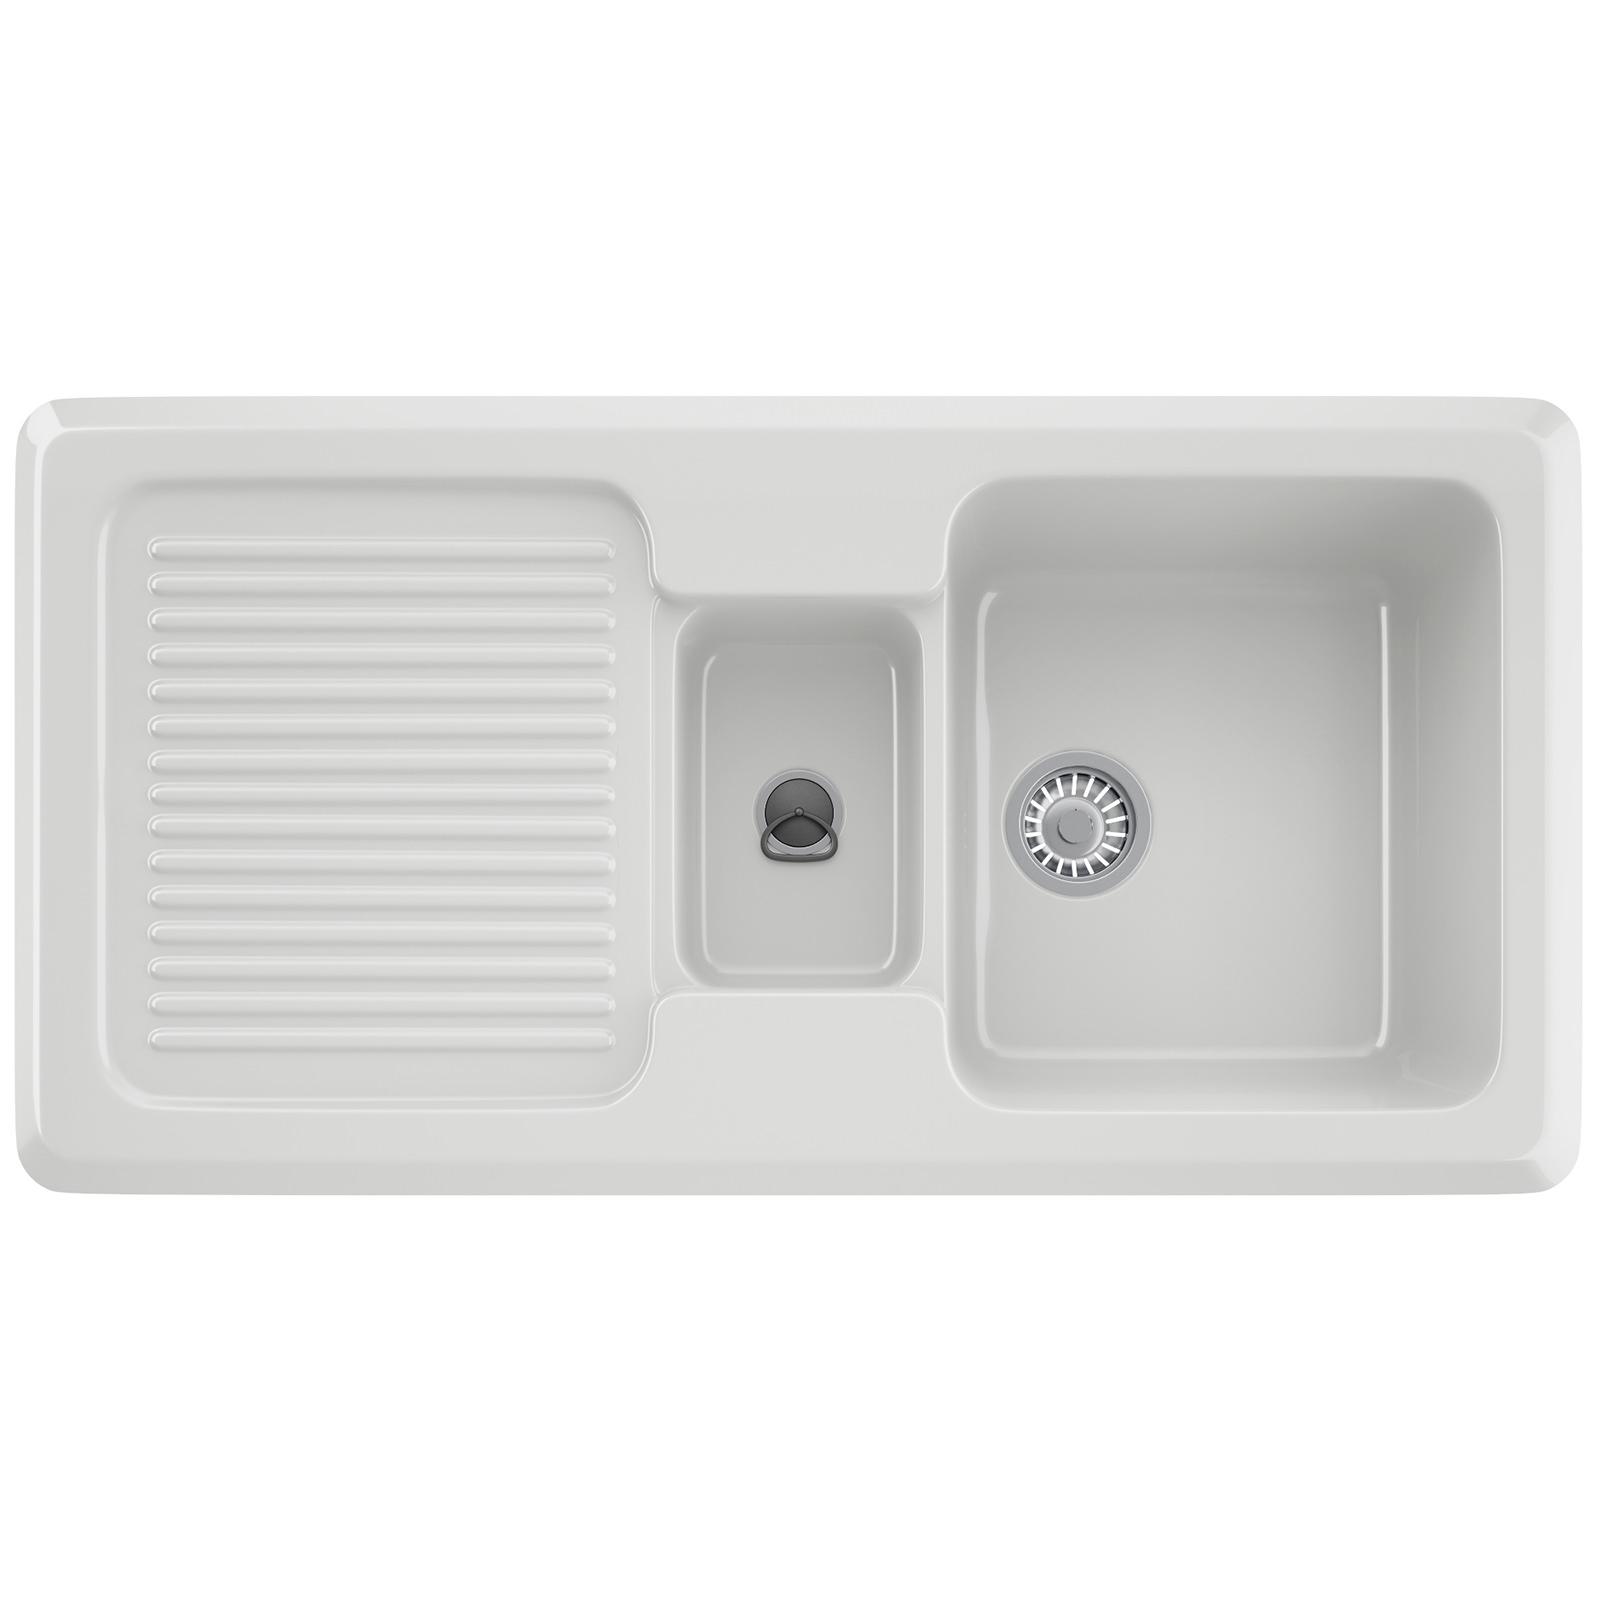 VBK 651 Ceramic Left Hand Drainer 1.5 Bowl White Inset Sink